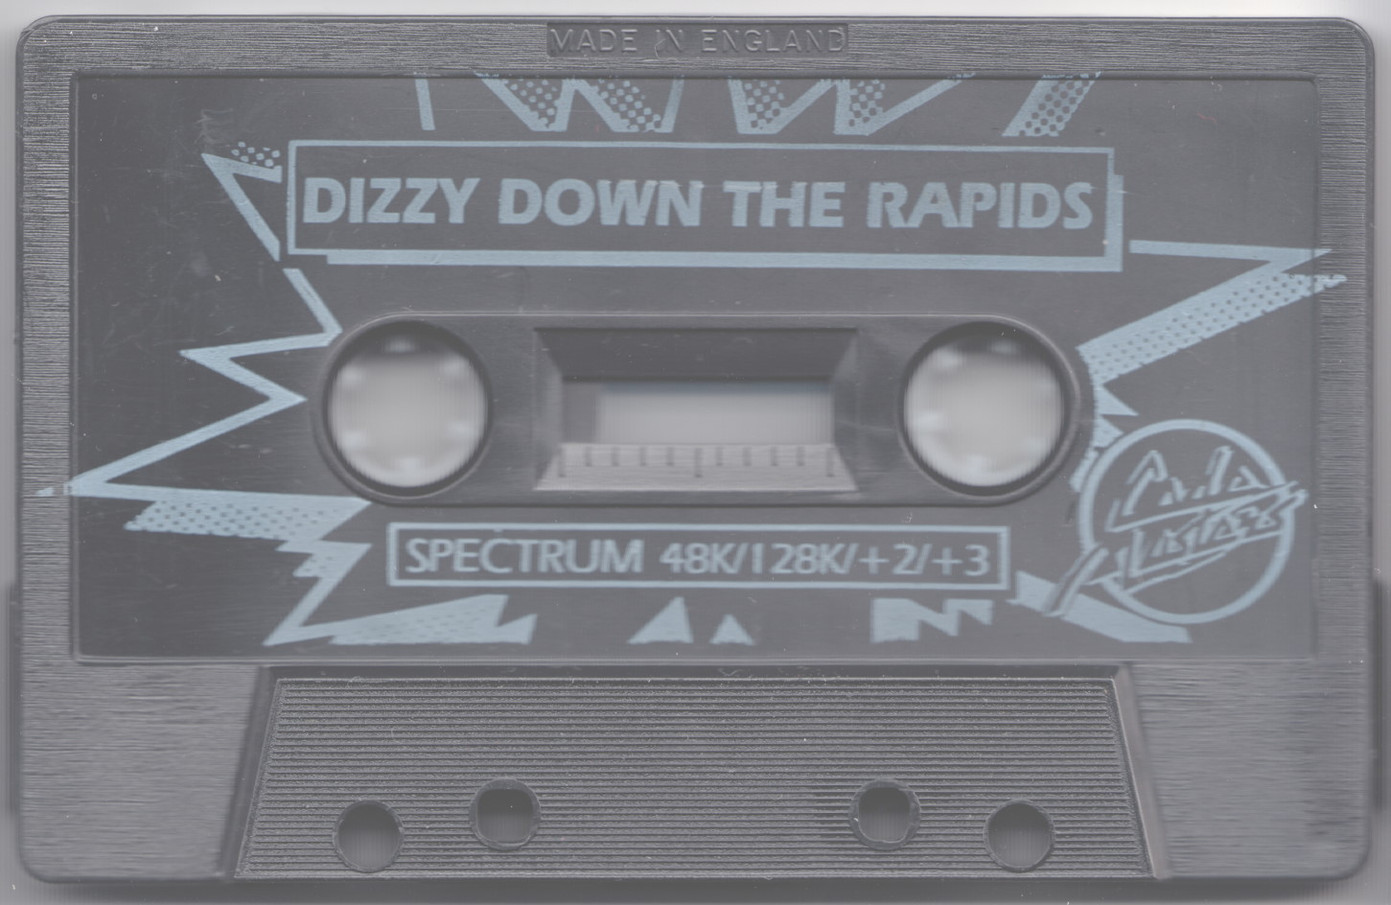 DizzyDownTheRapidstape01.jpg